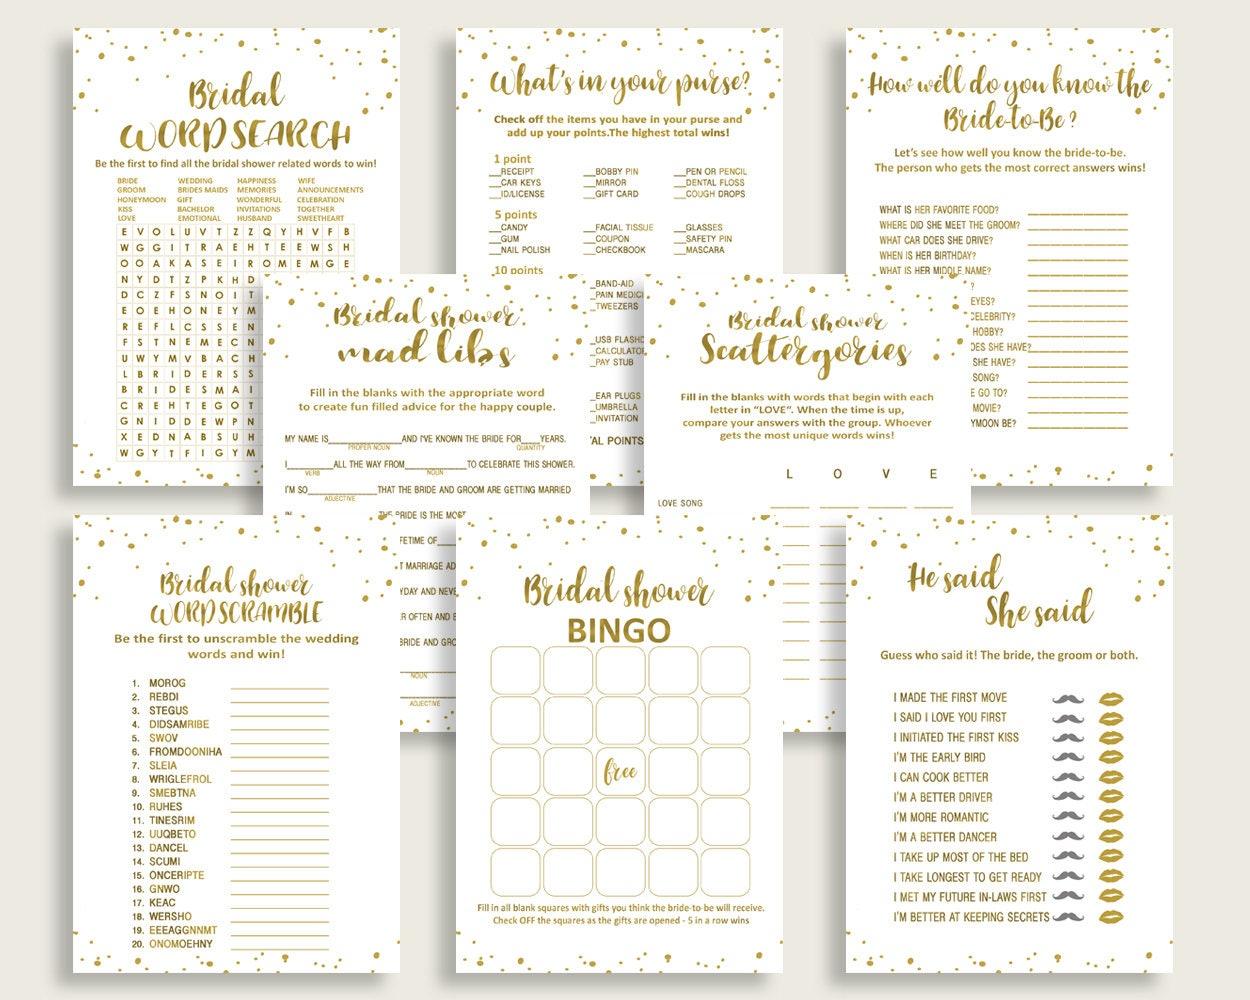 Games Bridal Shower Games Gold Bridal Shower Games Bridal Shower Gold Games  Gold White party ideas pdf jpg shower celebration G2ZNX